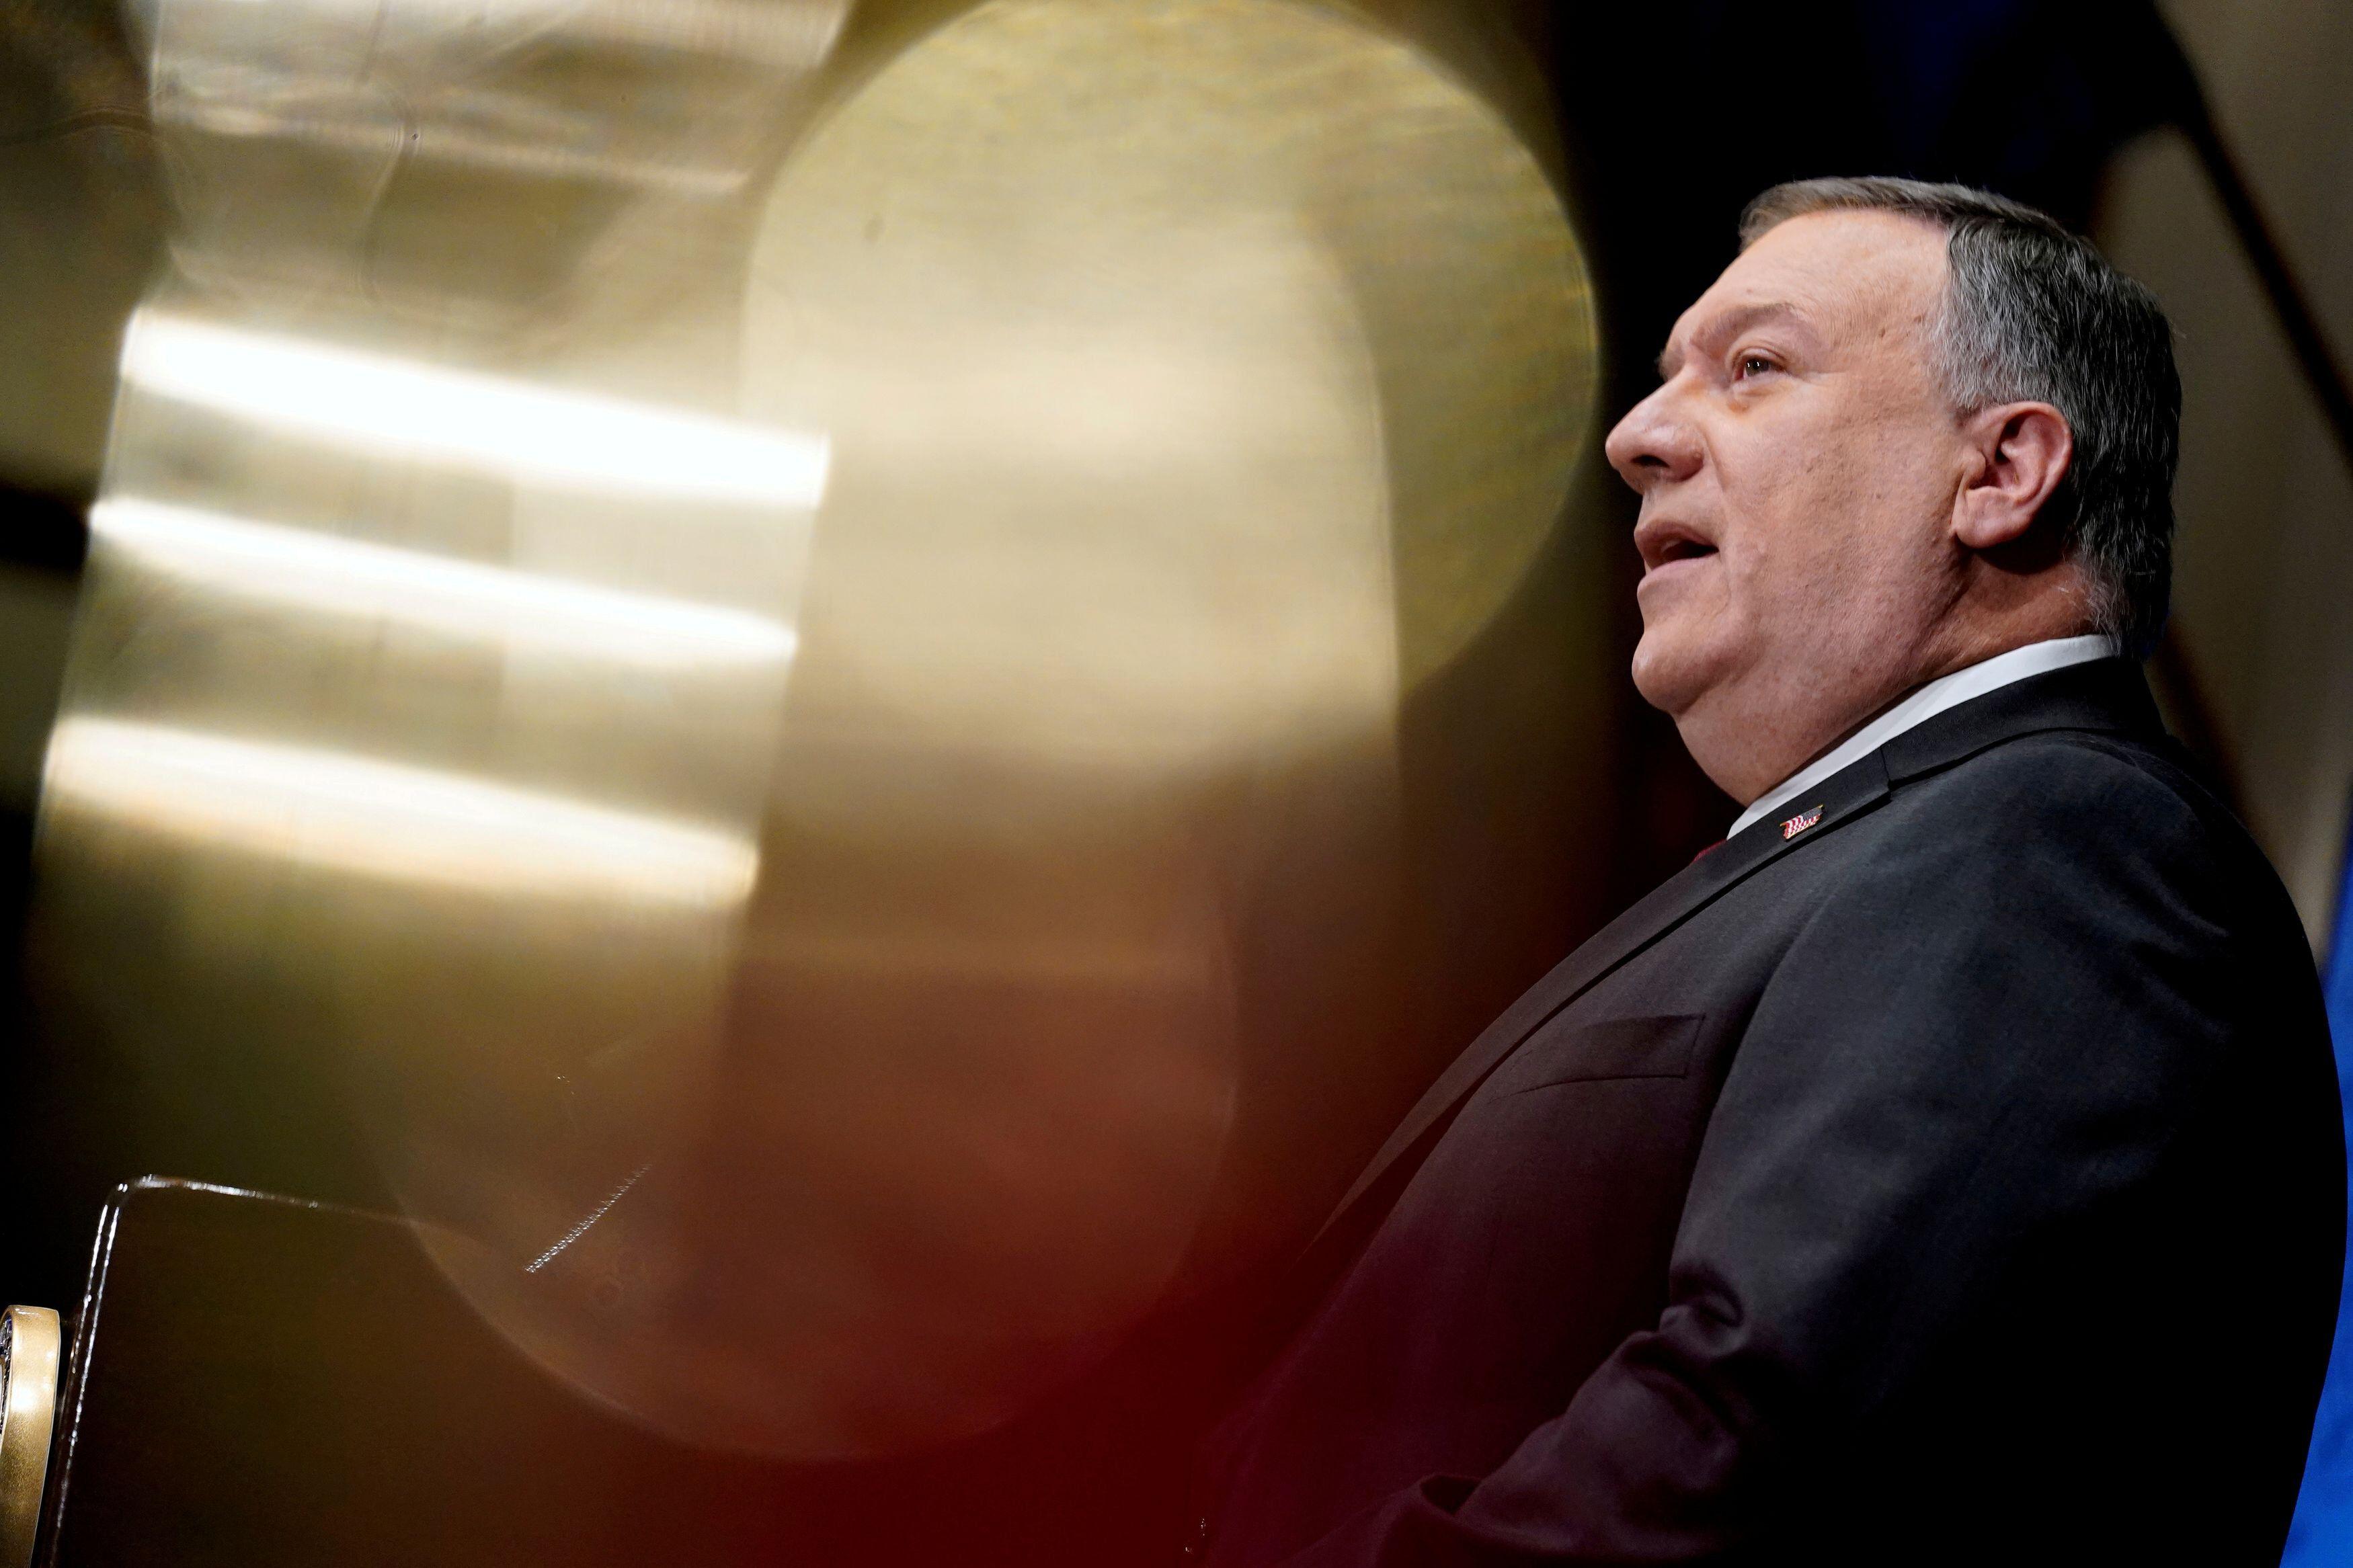 Etats-Unis : enquête après la disparition d'un whisky à 5 800 dollars offert à Pompeo